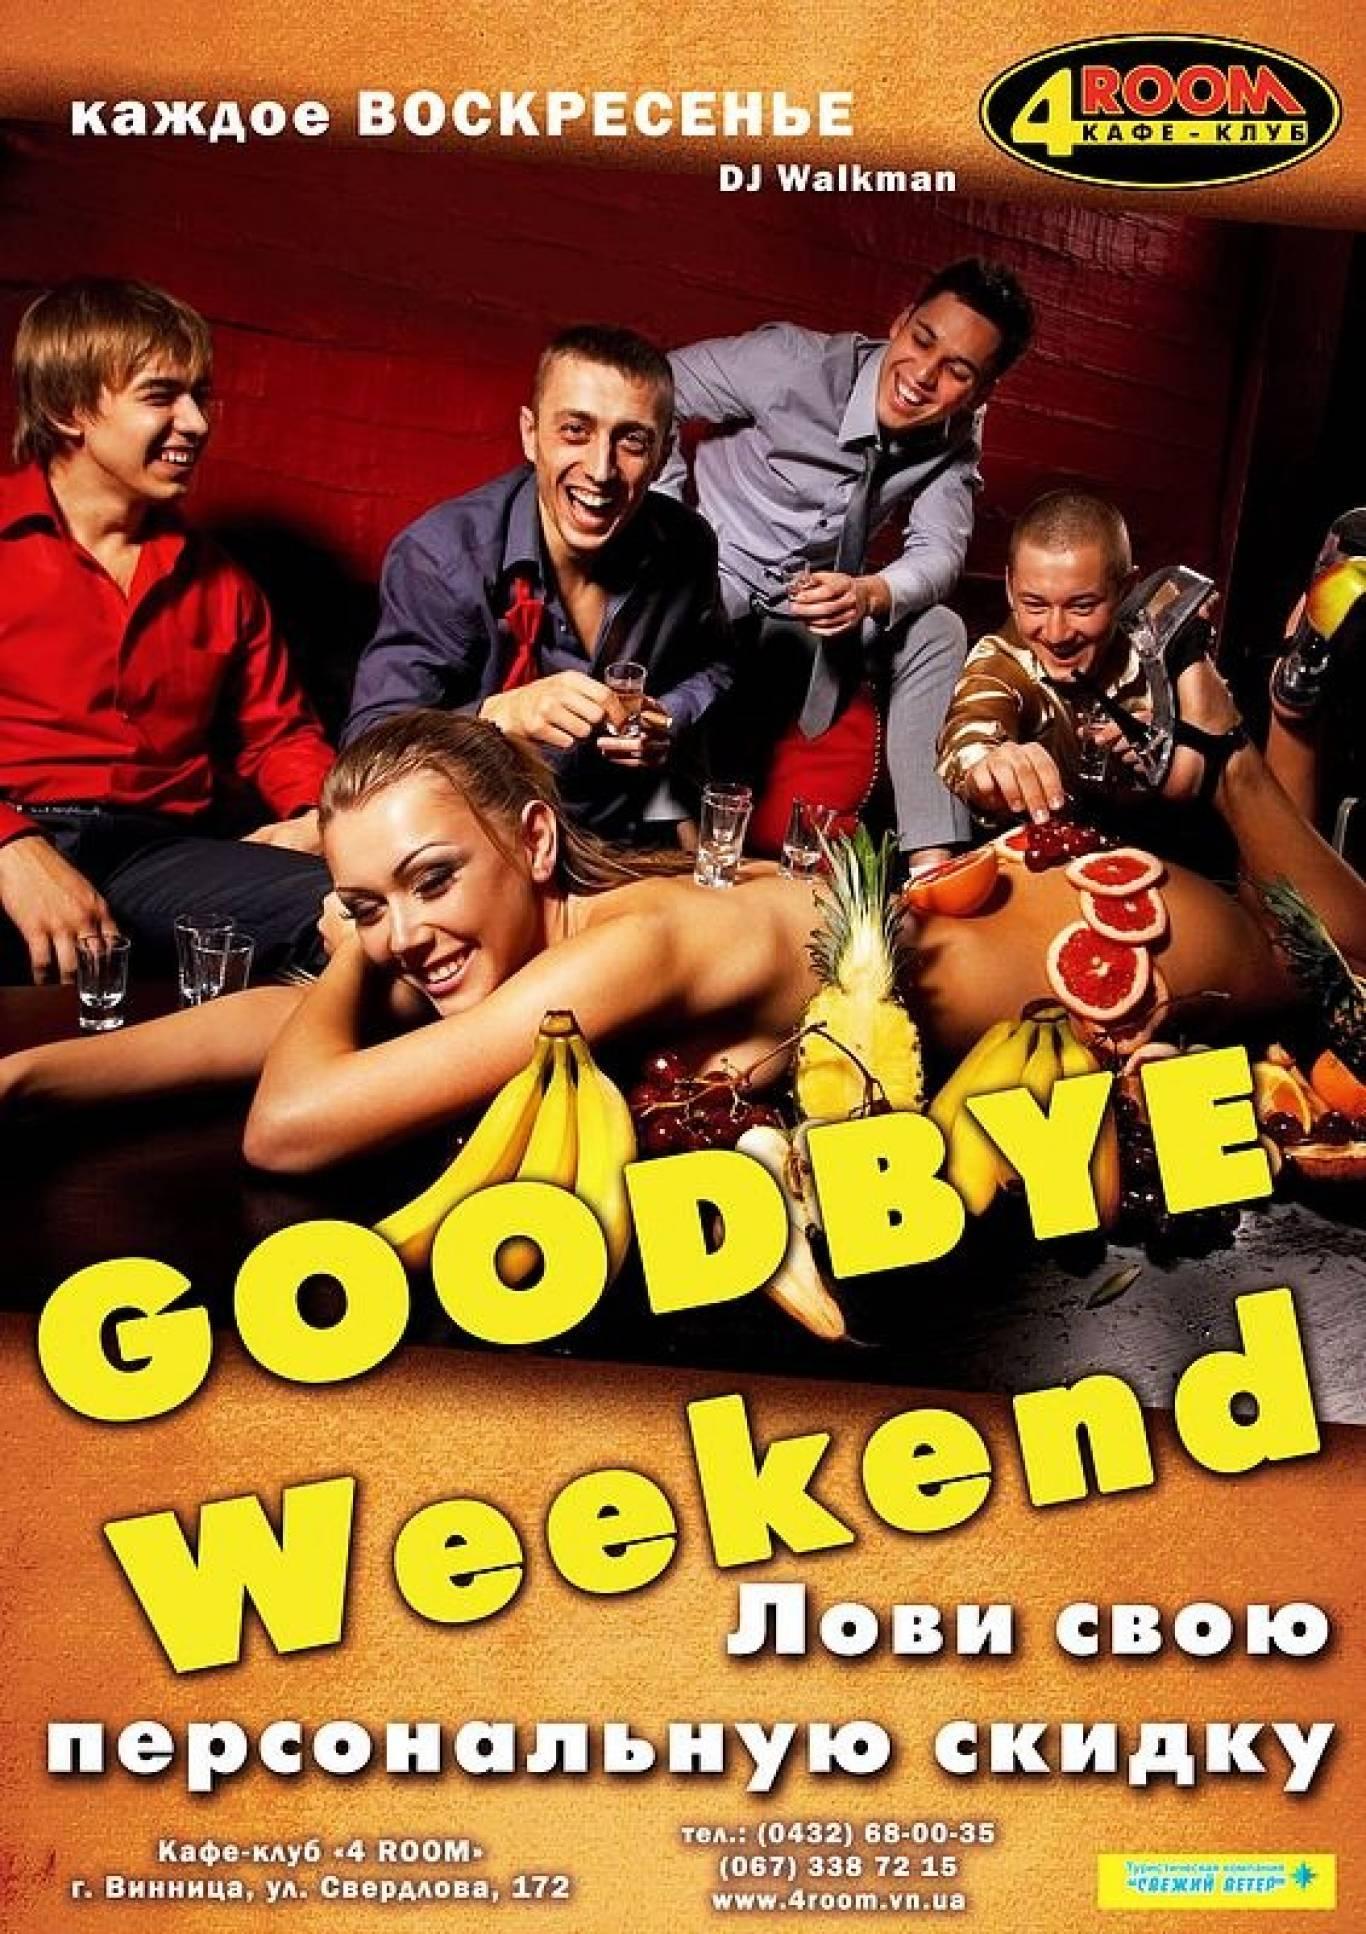 """Недільна вечірка """"Gudbay Weekend"""""""